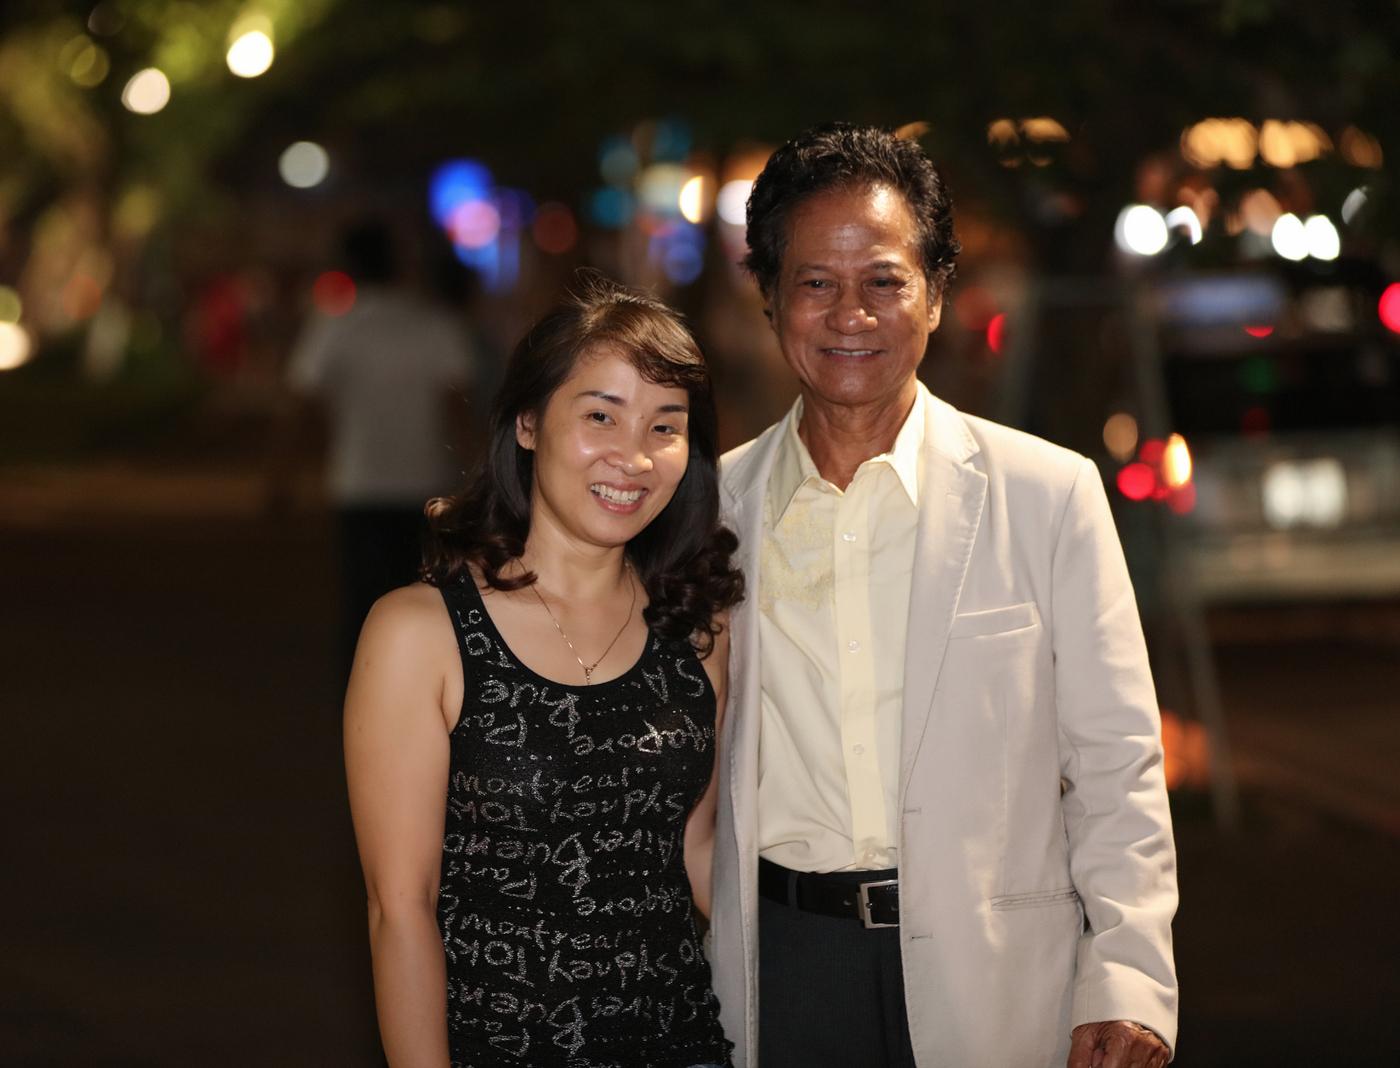 75 tuổi, Chế Linh vẫn hấp dẫn, khiến fans nữ